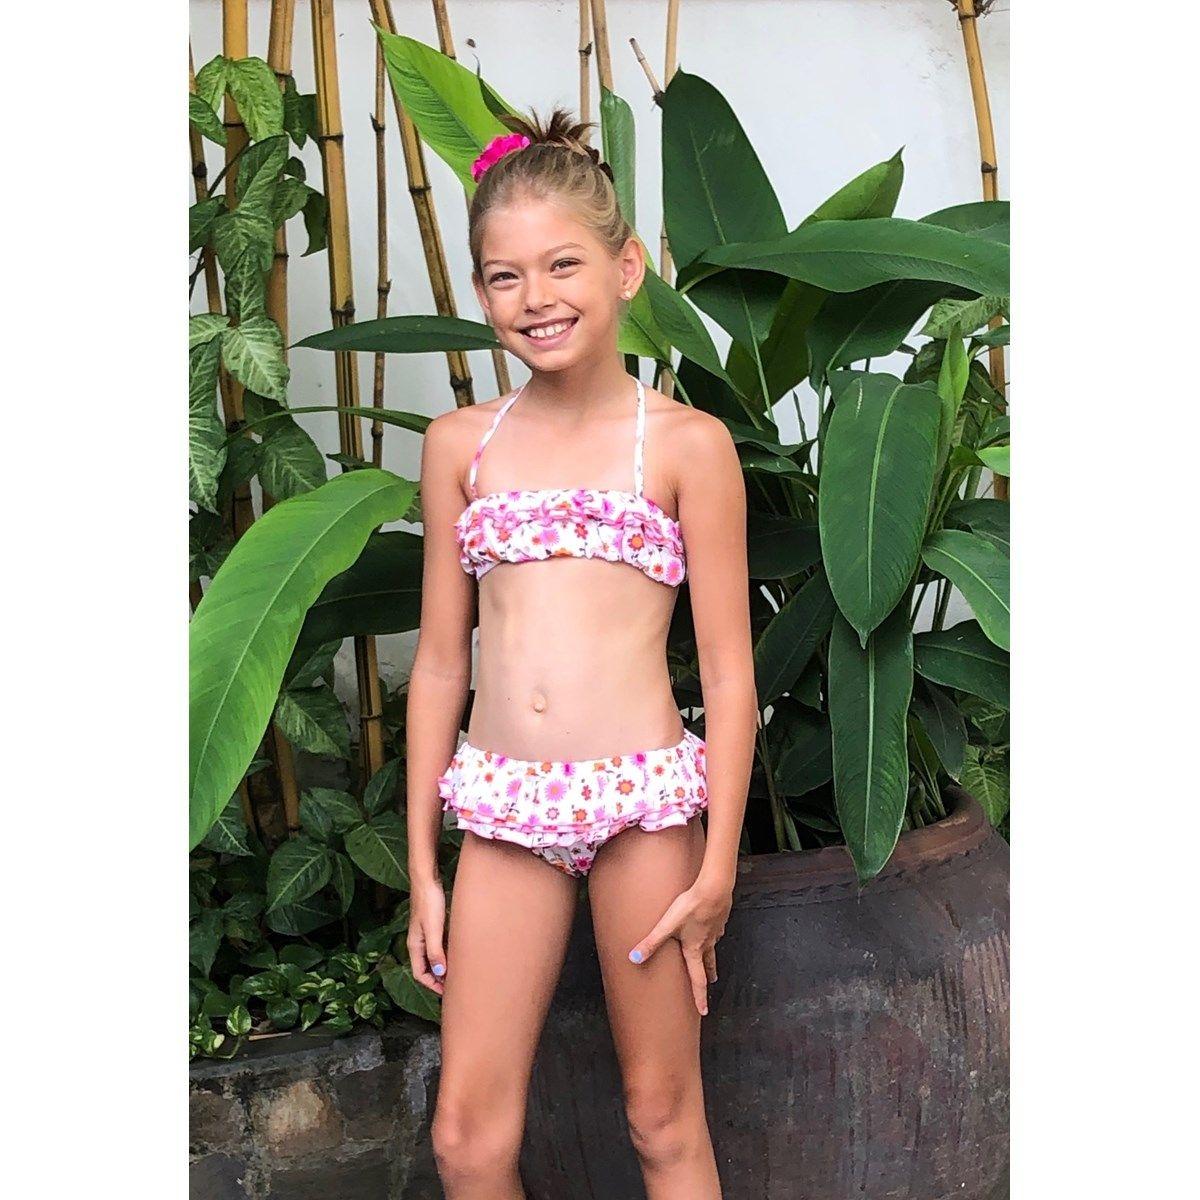 Bikini - maillot de bain deux pièces - à volants - SWAN